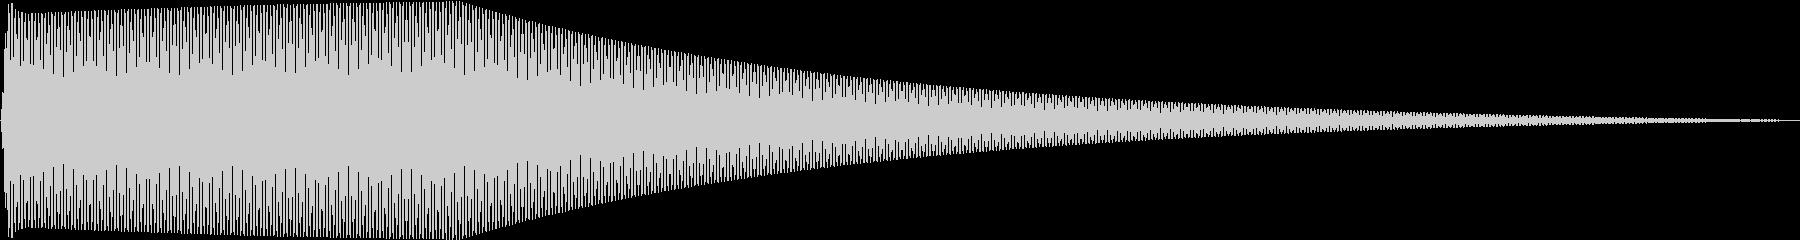 Sin シンプルなサイン波のタッチ音 3の未再生の波形